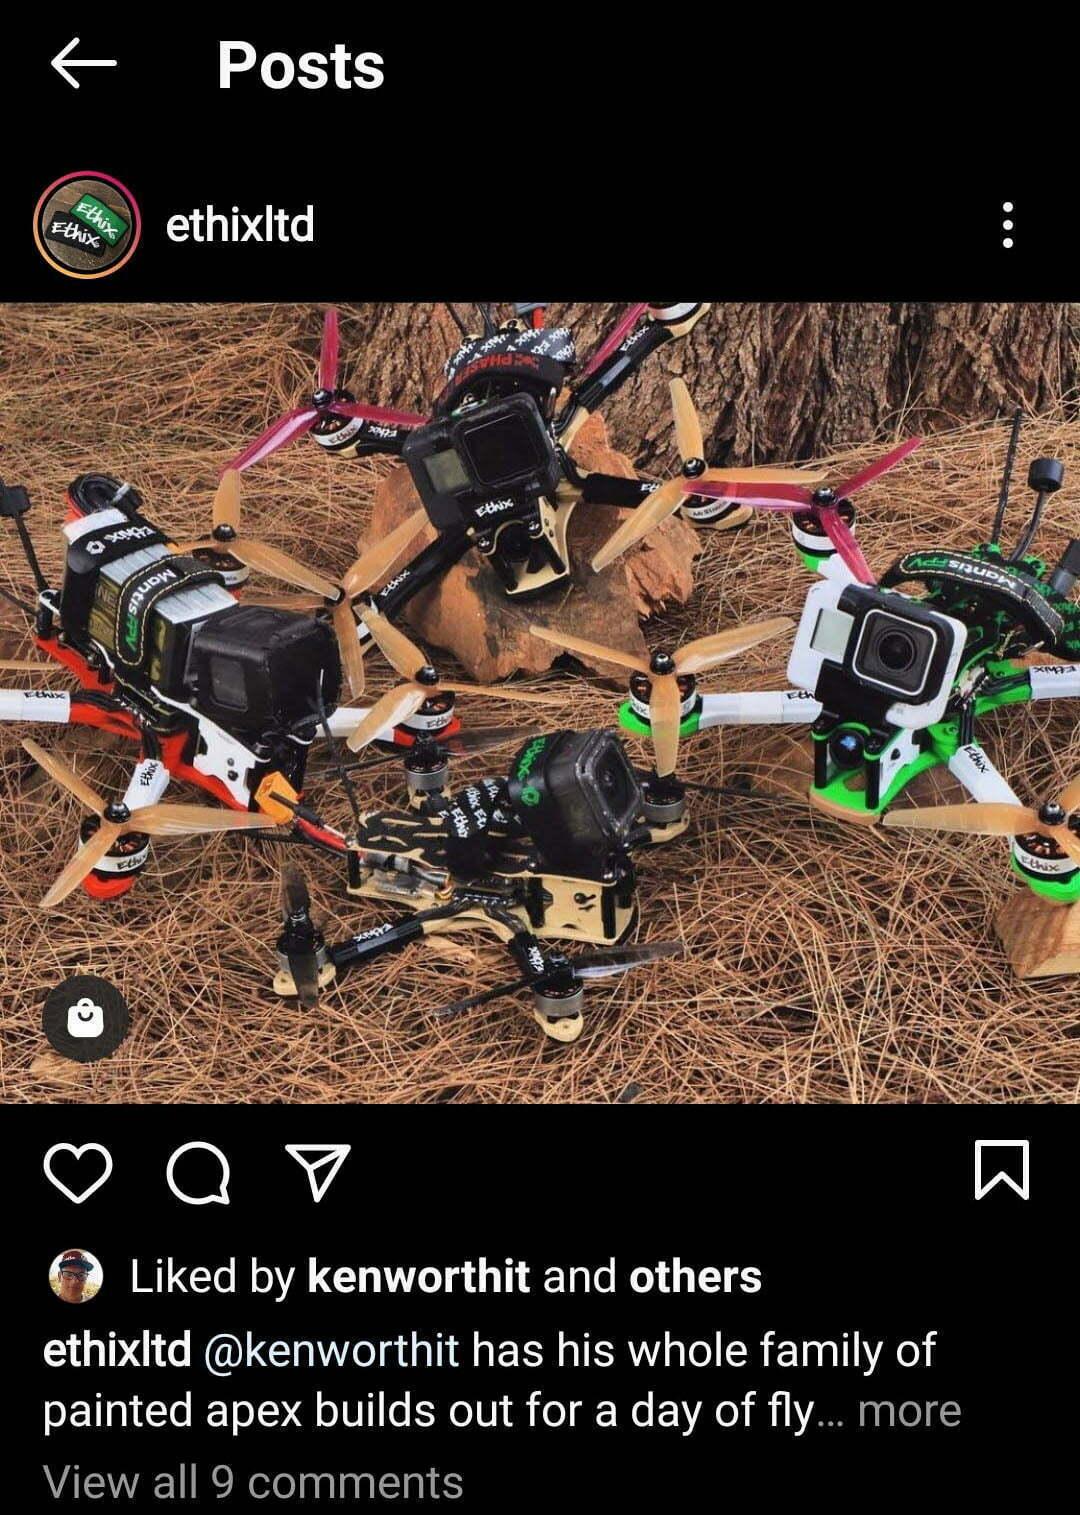 ethixltd instagram mantisFPV